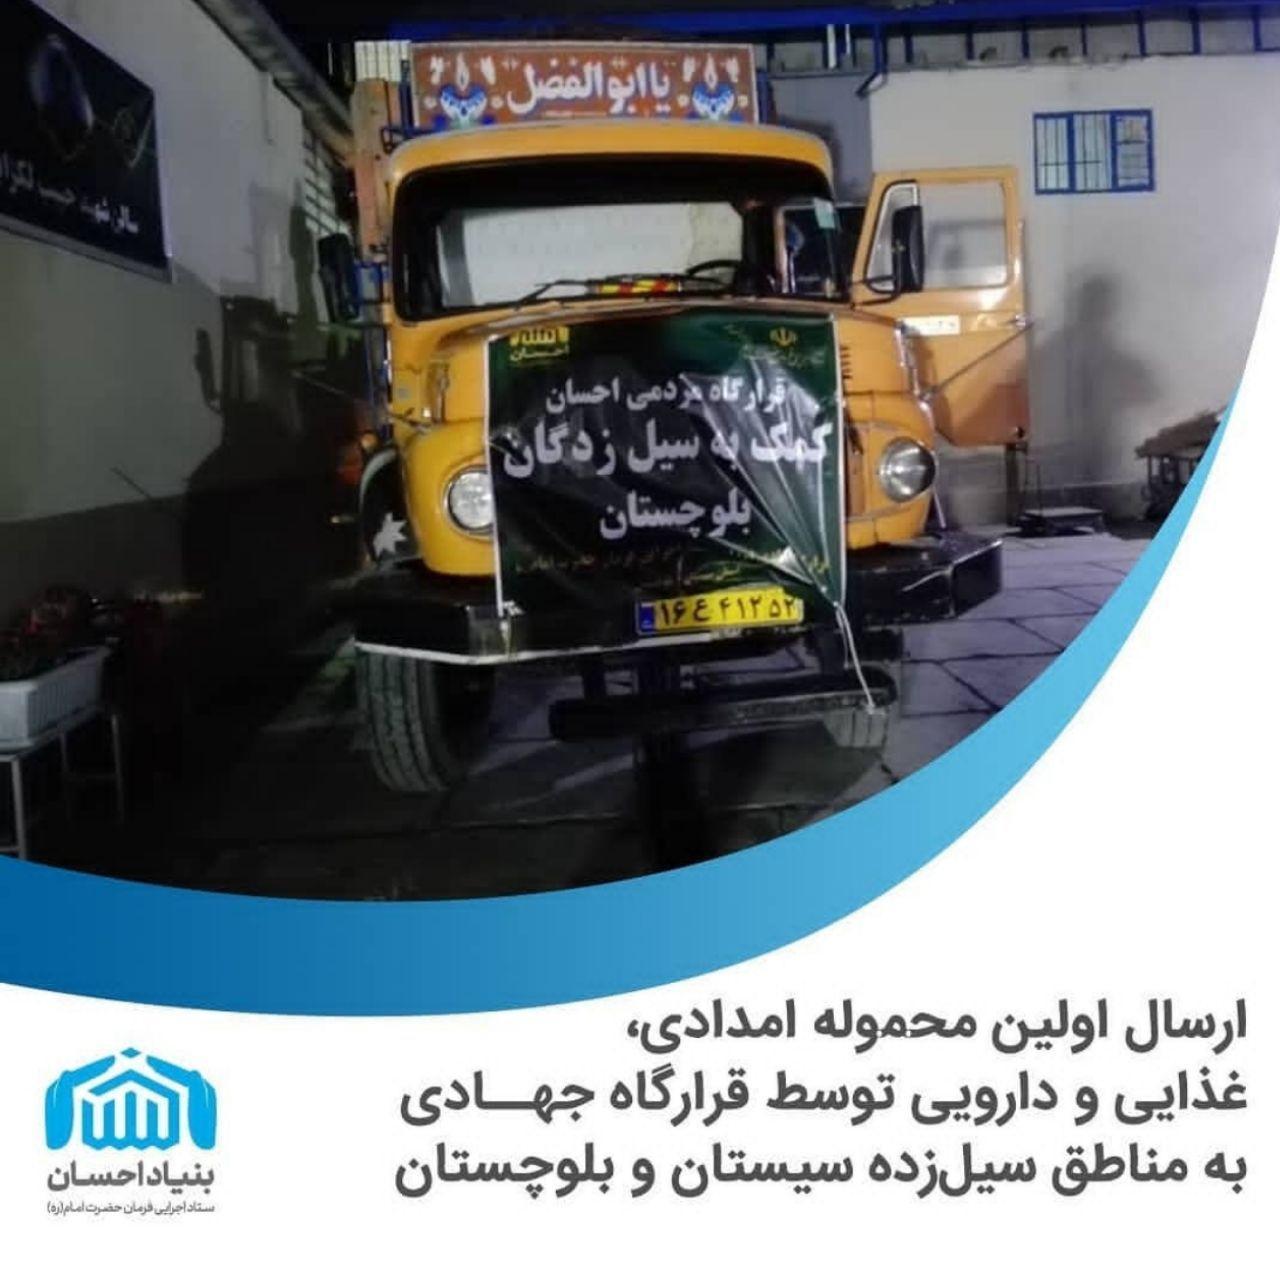 ارسال اولین محموله غذایی-دارویی ستاد اجرایی به مناطق سیل زده سیستان و بلوچستان